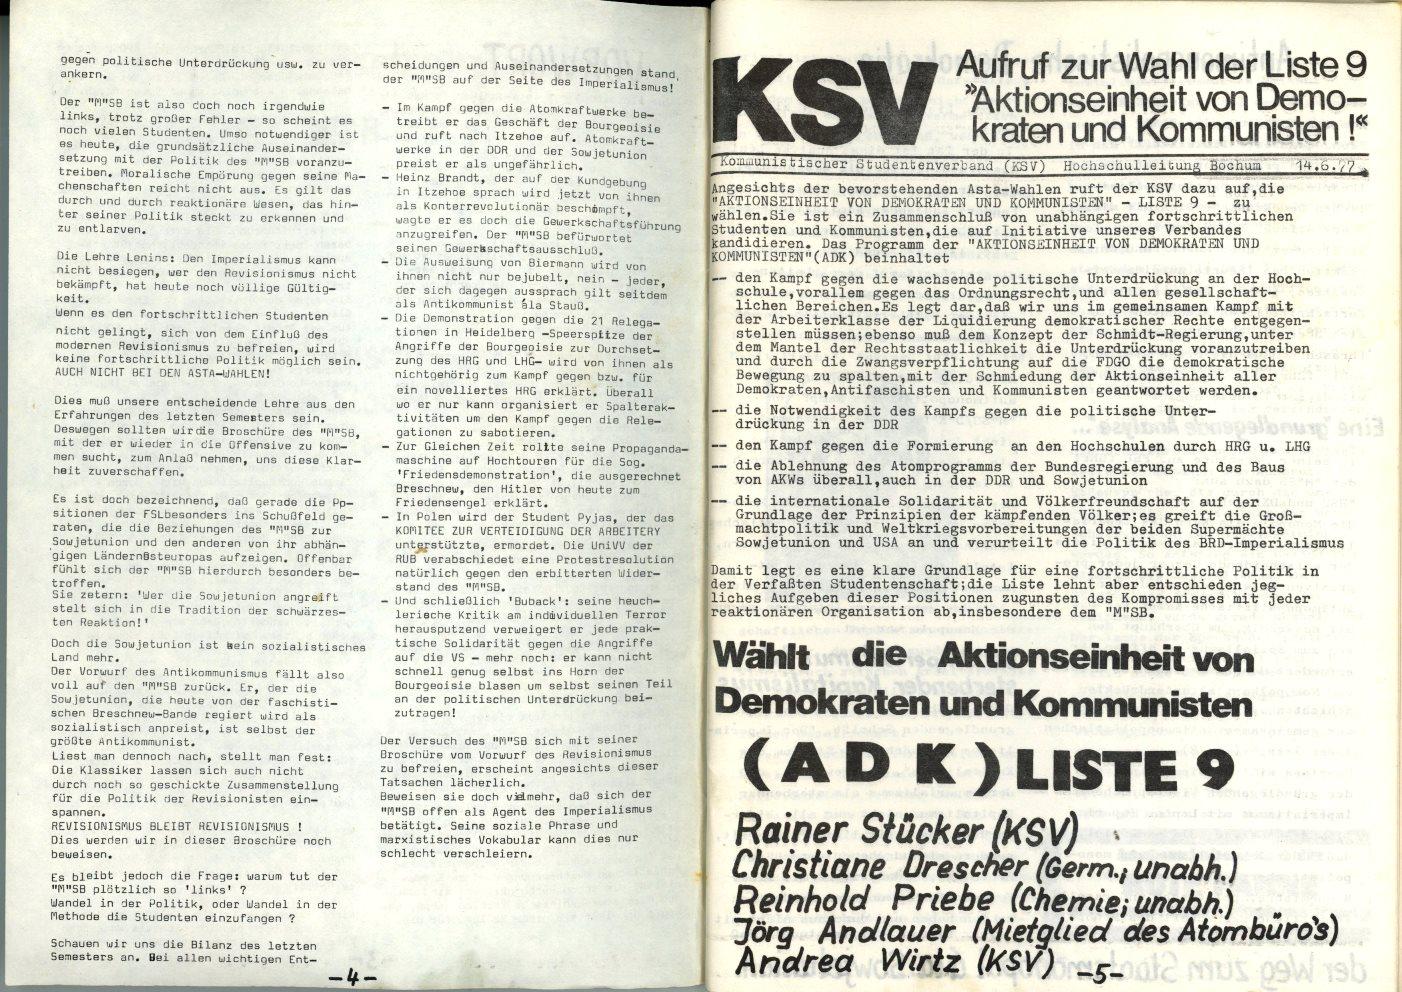 NRW_KSV_1977_Doku_zu_den_AStA_Wahlen_Nr_2_03